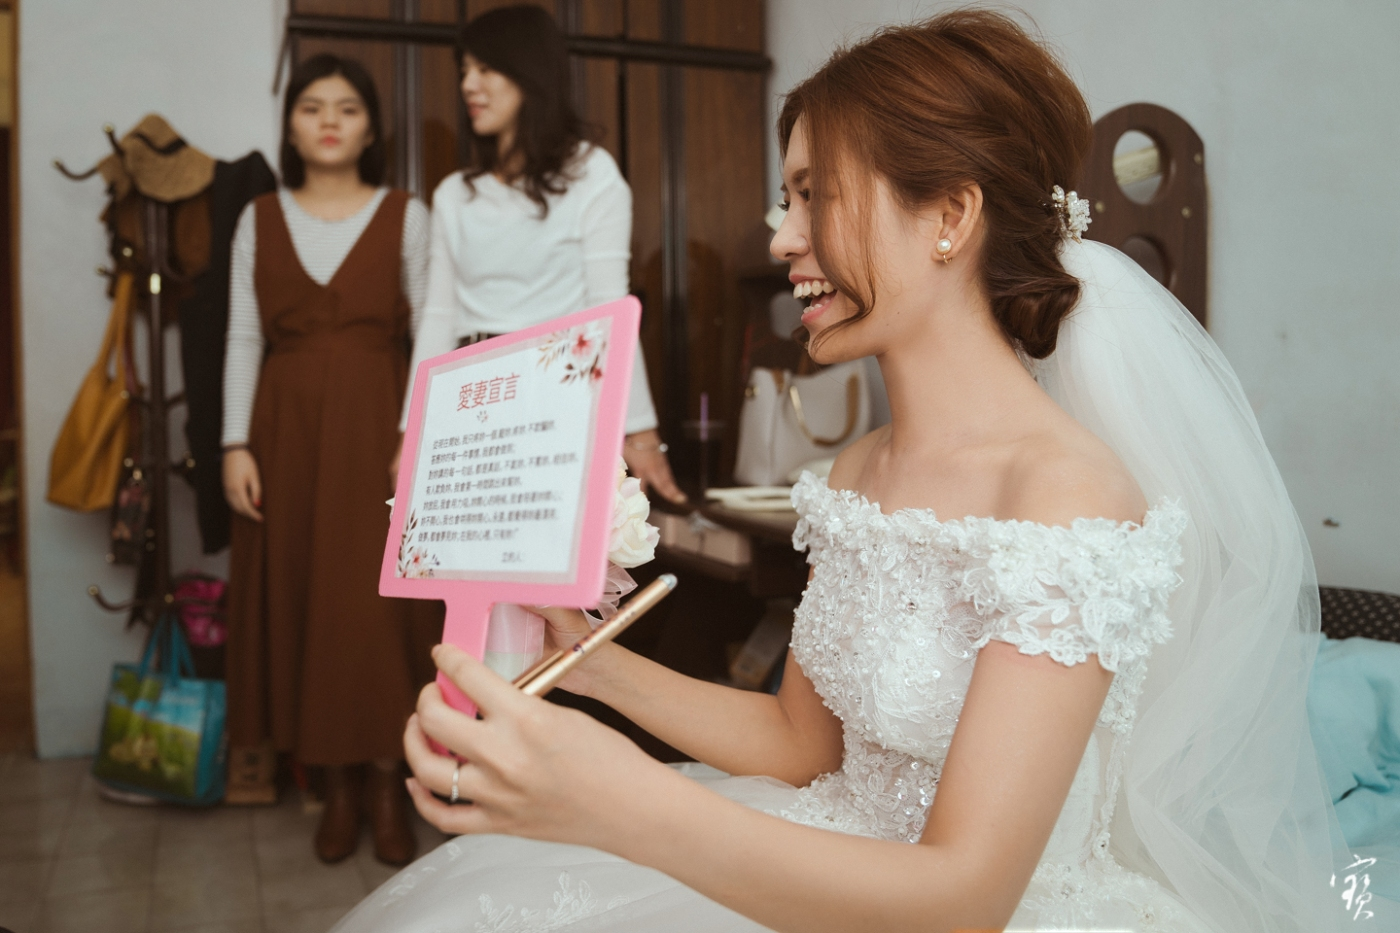 婚禮攝影 新竹彭園 冬伴影像 攝影師大寶 婚紗攝影 新娘新郎 早儀午宴20181125-54